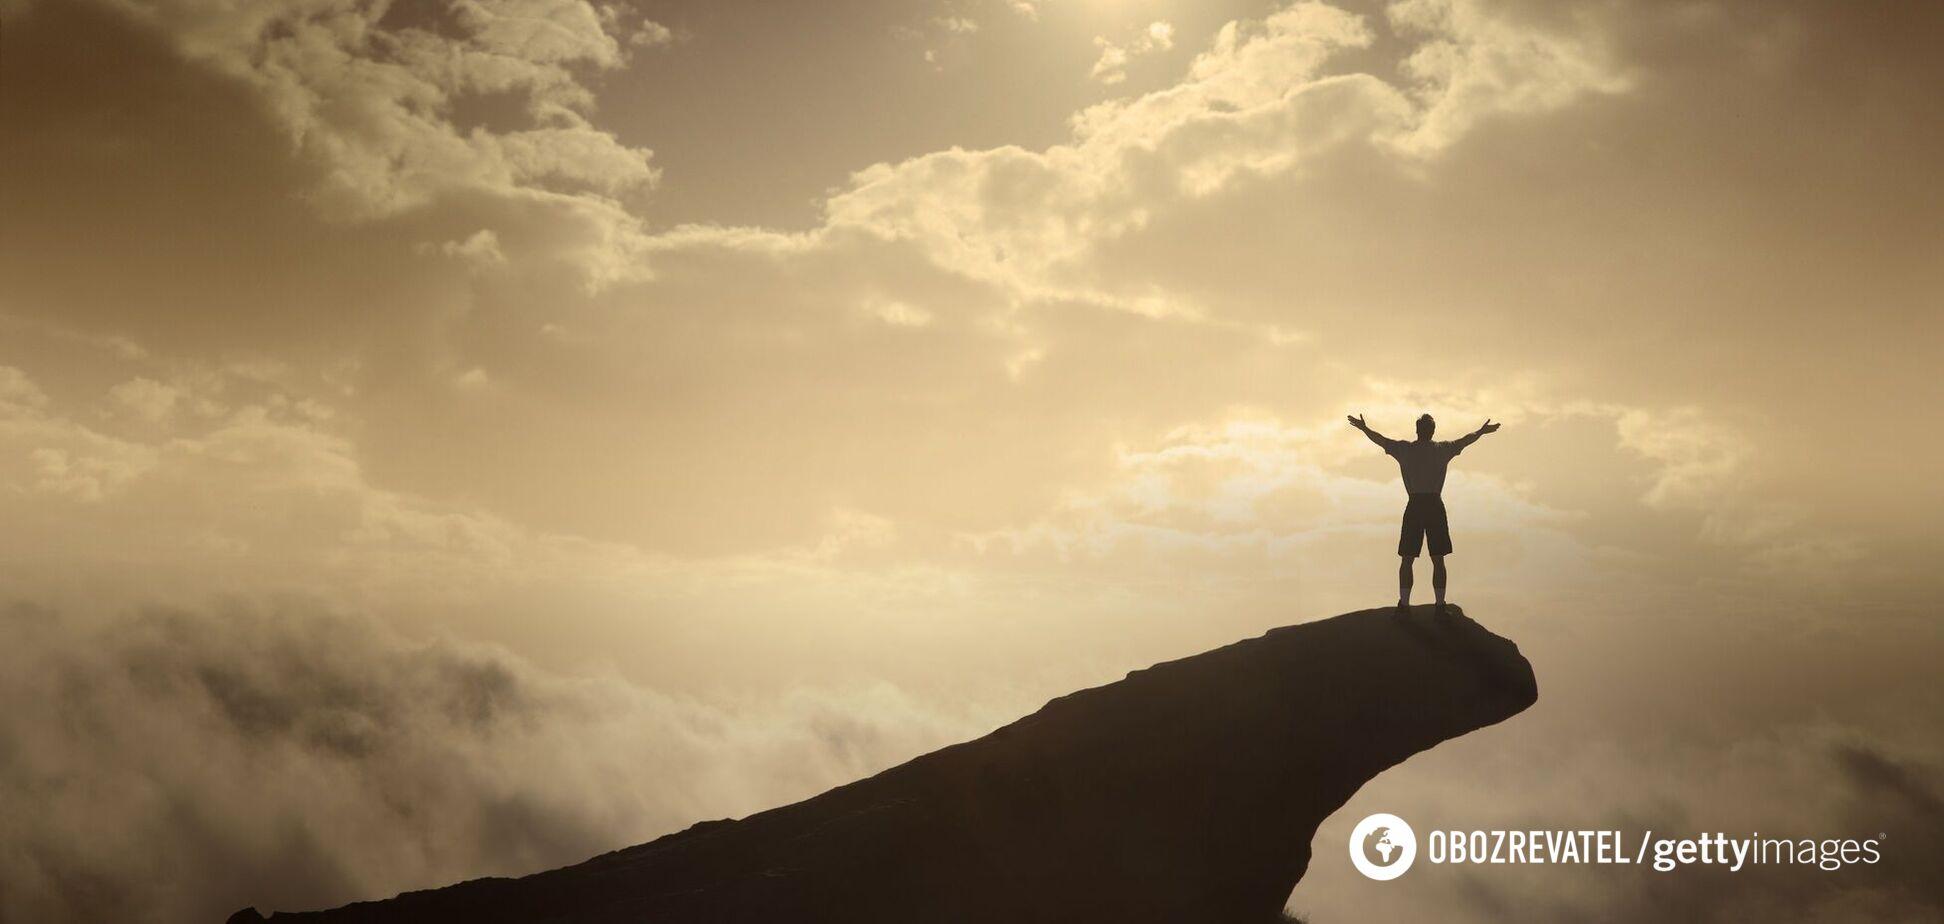 Медитация миллионеров: как достигают счастья успешные люди